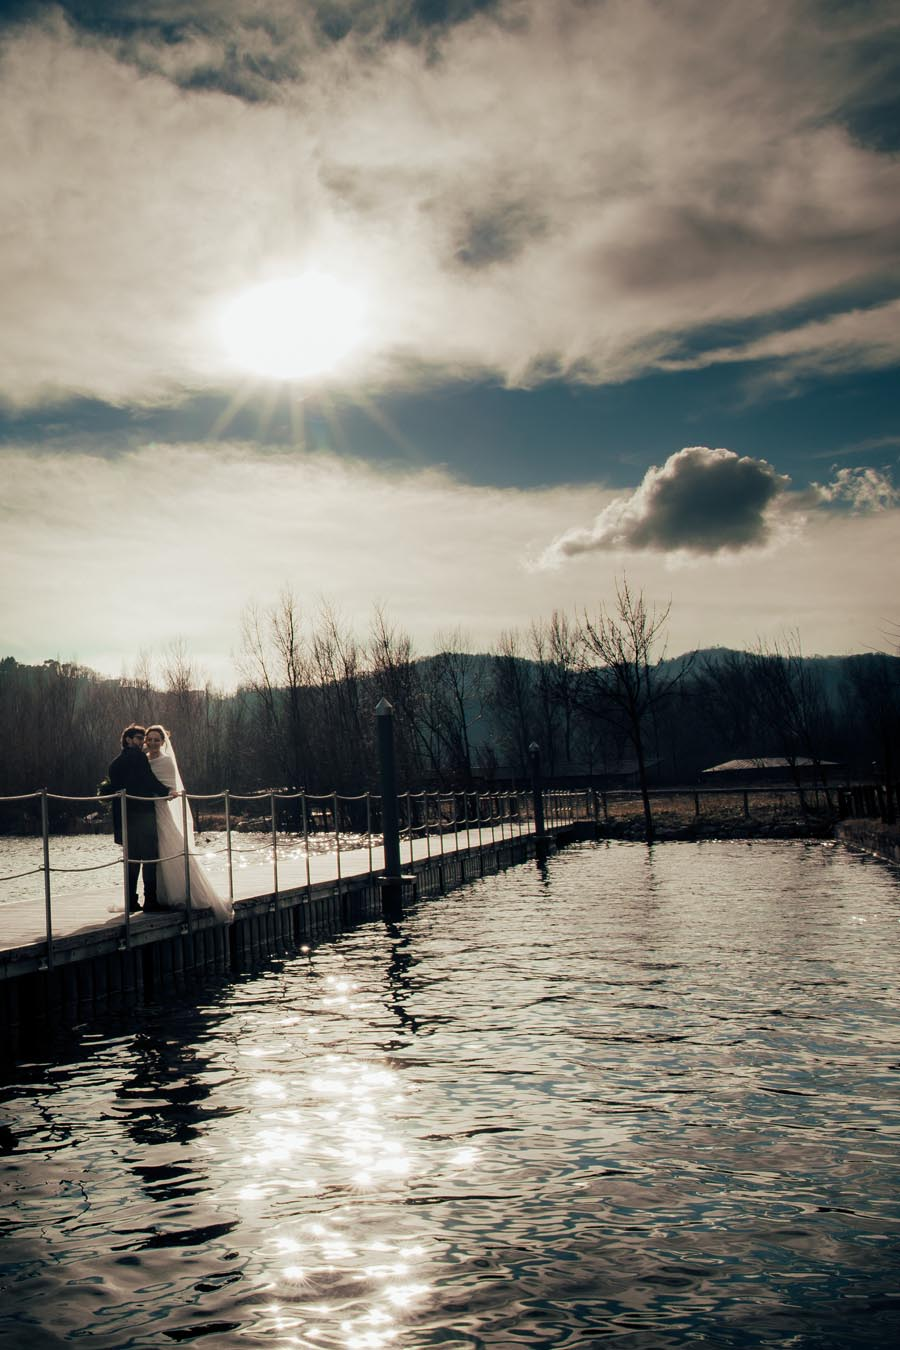 Silvia e Massimo sposi-Wedding reportage-Renato Zanette Fotografo Matrimonio Treviso-Revine Lago-Tarzo-riflessi